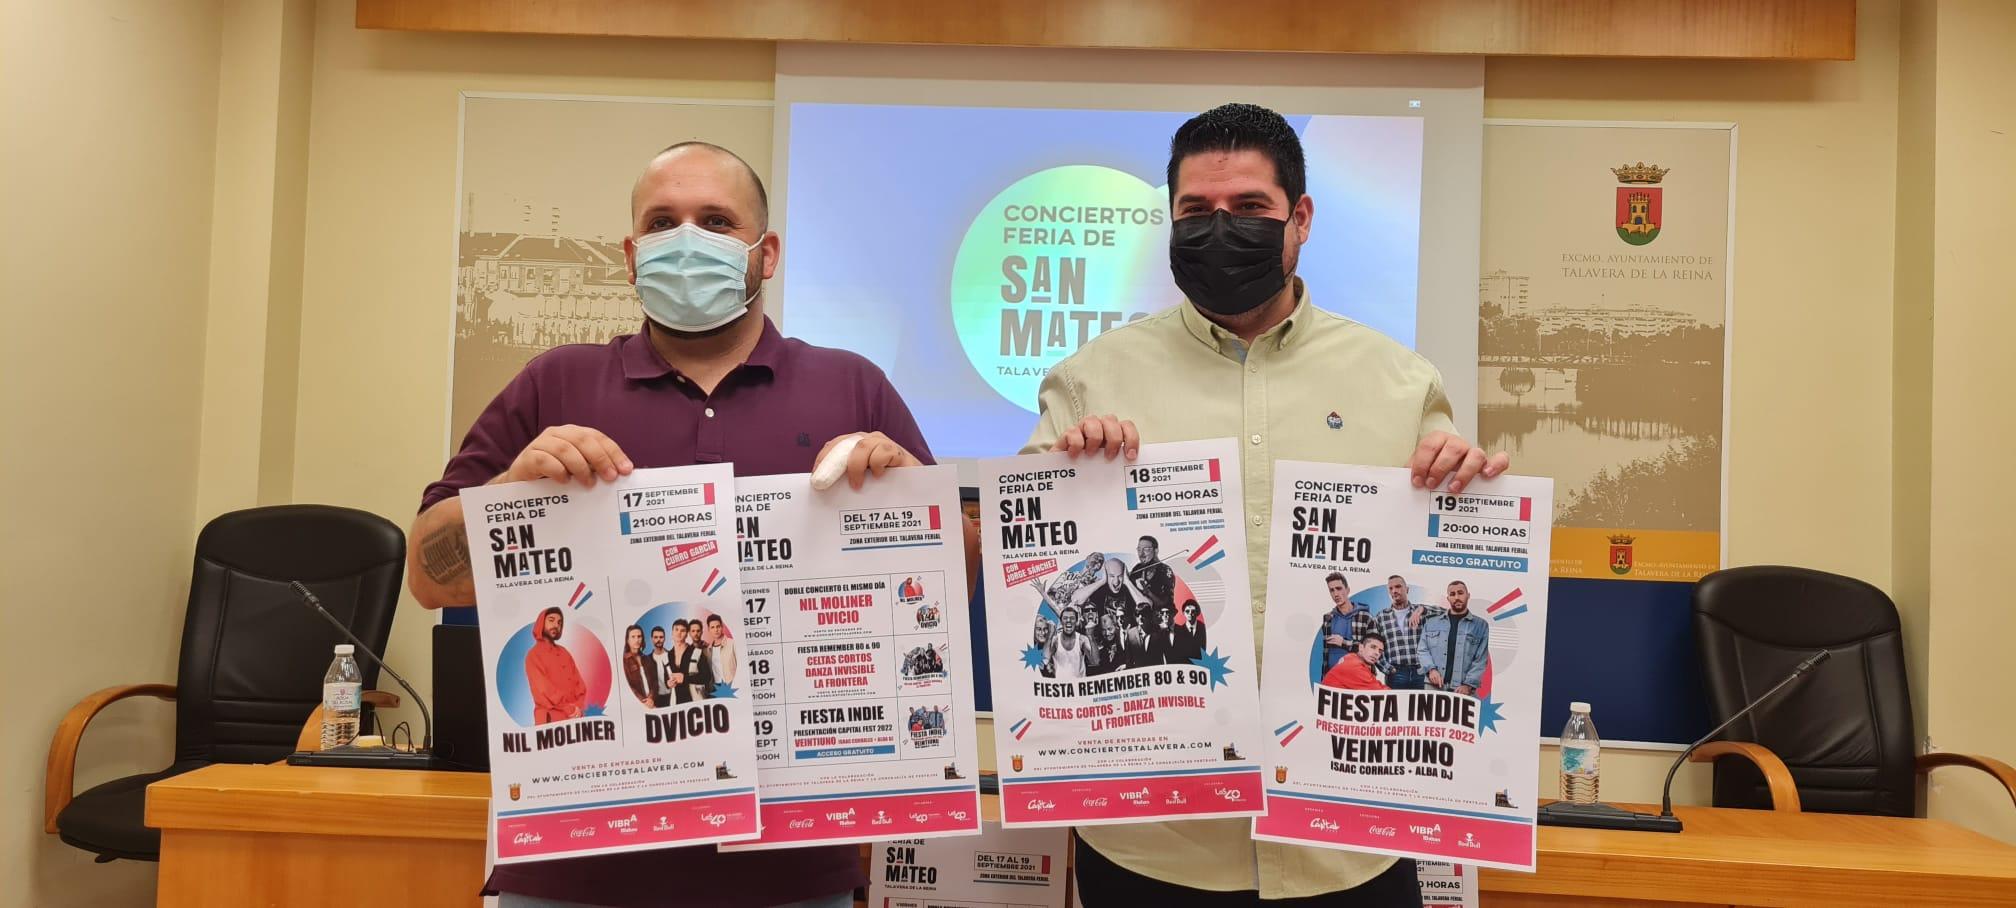 """El equipo de Gobierno apuesta por conciertos """"con artistas de primer nivel"""" en un espacio seguro para San Mateo"""